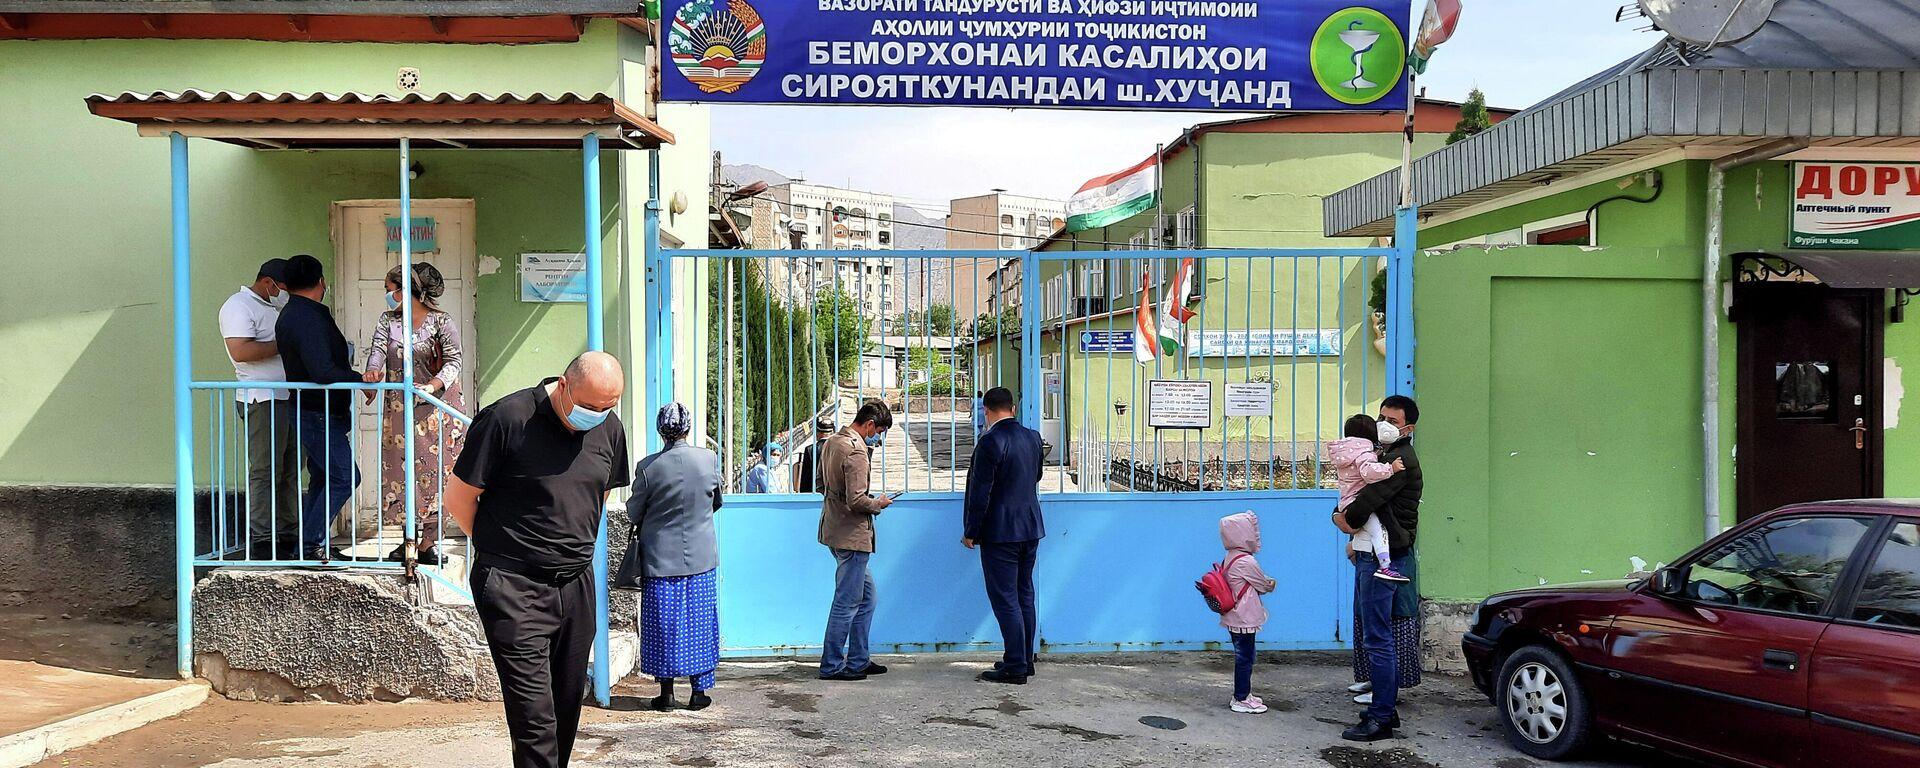 Инфекционная больница в Худжанде - Sputnik Тоҷикистон, 1920, 14.09.2021